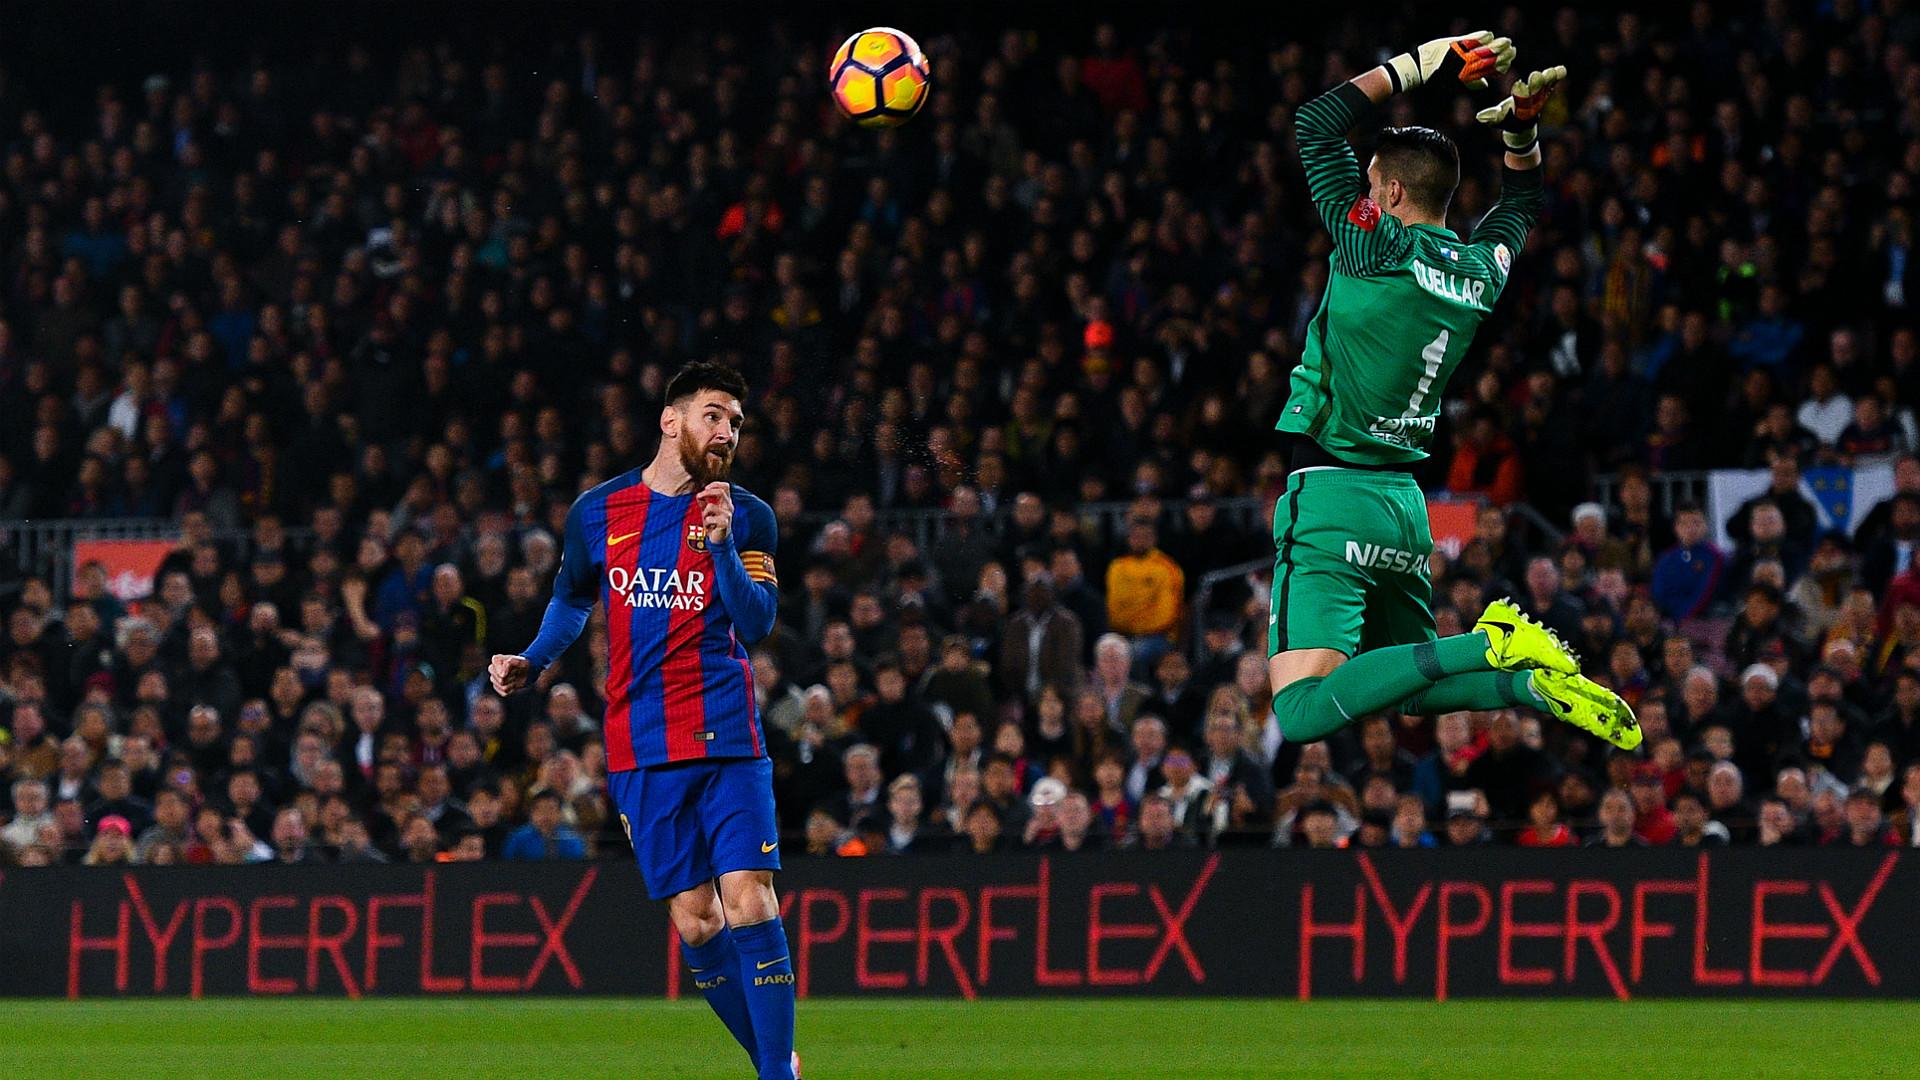 El Barça líder tras hacerle 6 al Sporting. Se aprieta la liga entre Barcelona, Madrid (con un partido menos) y Sevilla que estan en 2 puntos.